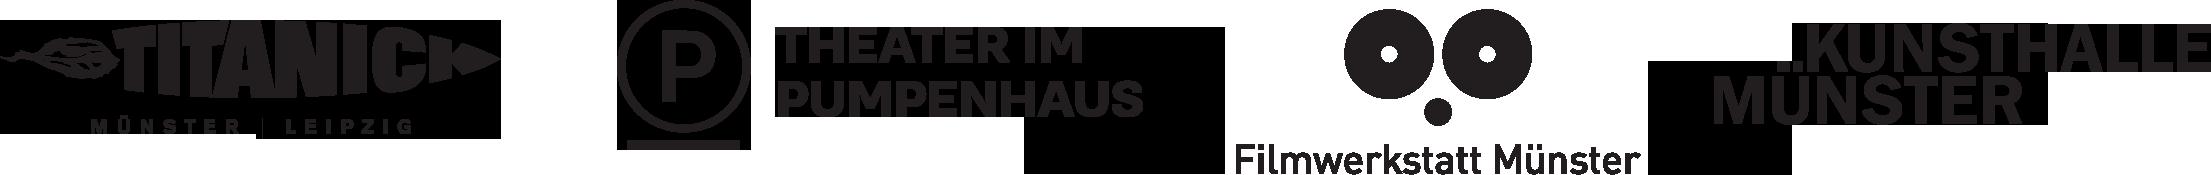 Logos: Theater Titanick | Theater im Pumpenhaus | Filmwerkstatt Münster | Kunsthalle Münster